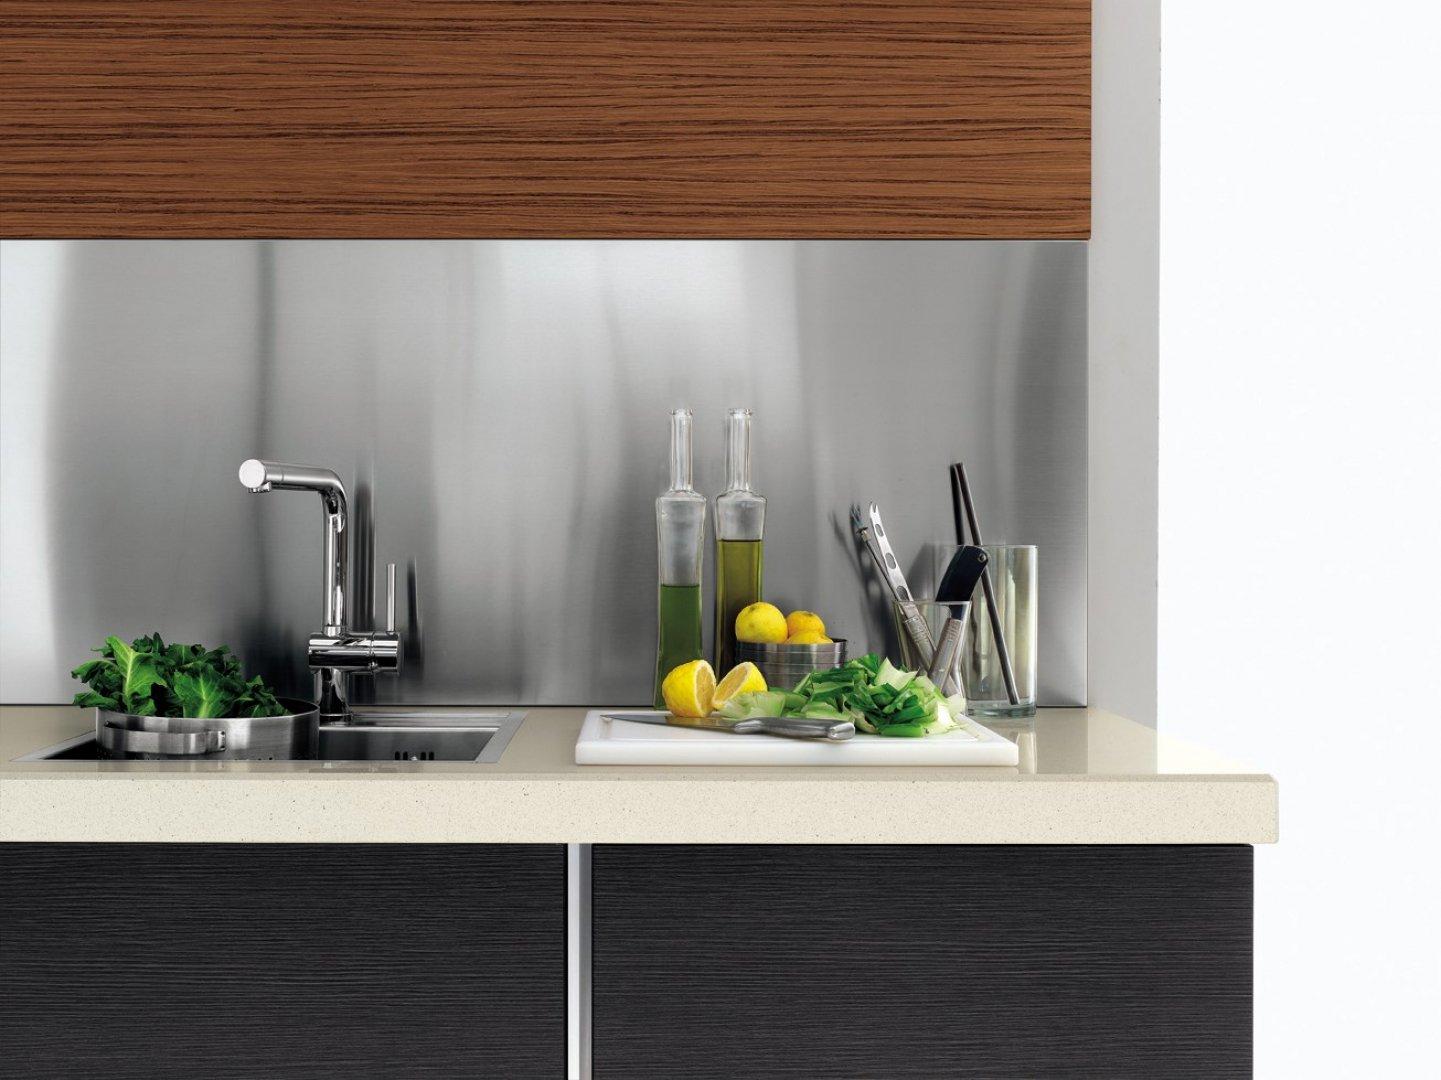 Rinnovare Le Ante Della Cucina. Cucina Ikea Catalogo. Rinnovare Ante ...